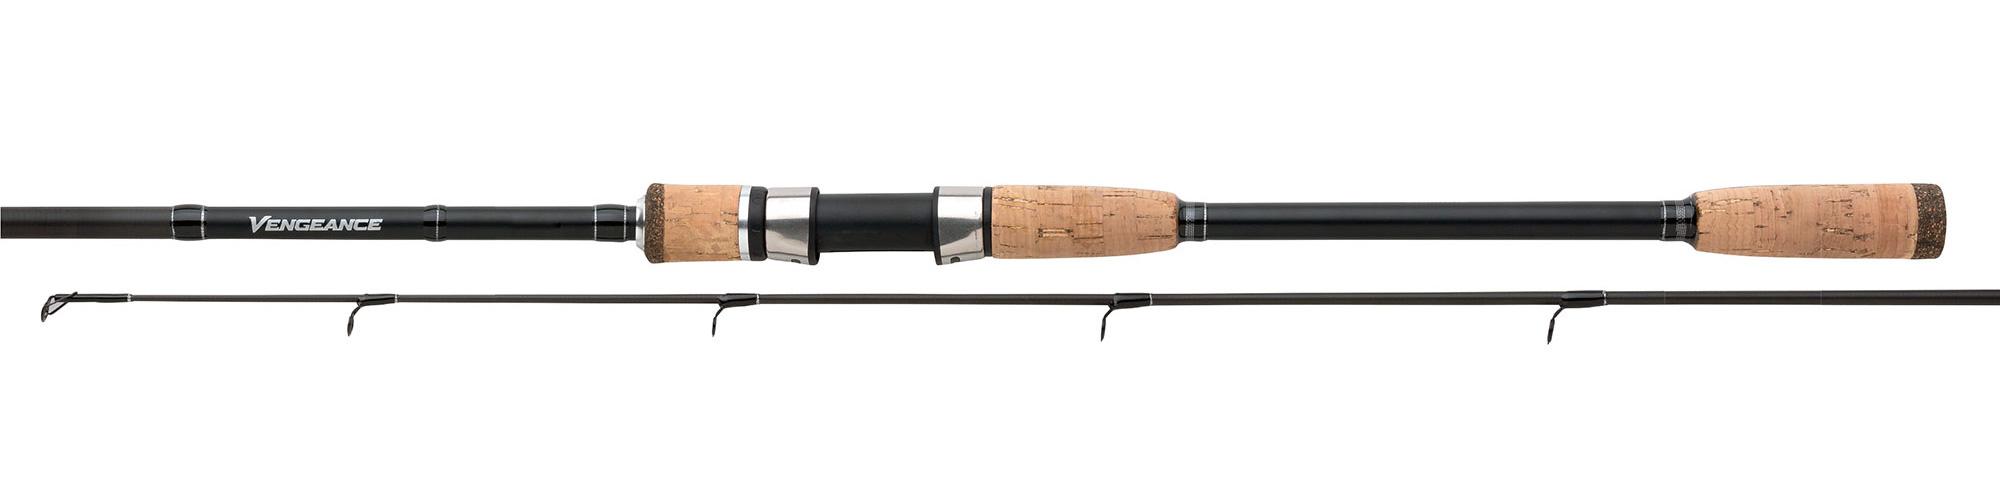 Удилище SHIMANO Vengeance CX 270M Cork (+ Леска в подарок!)